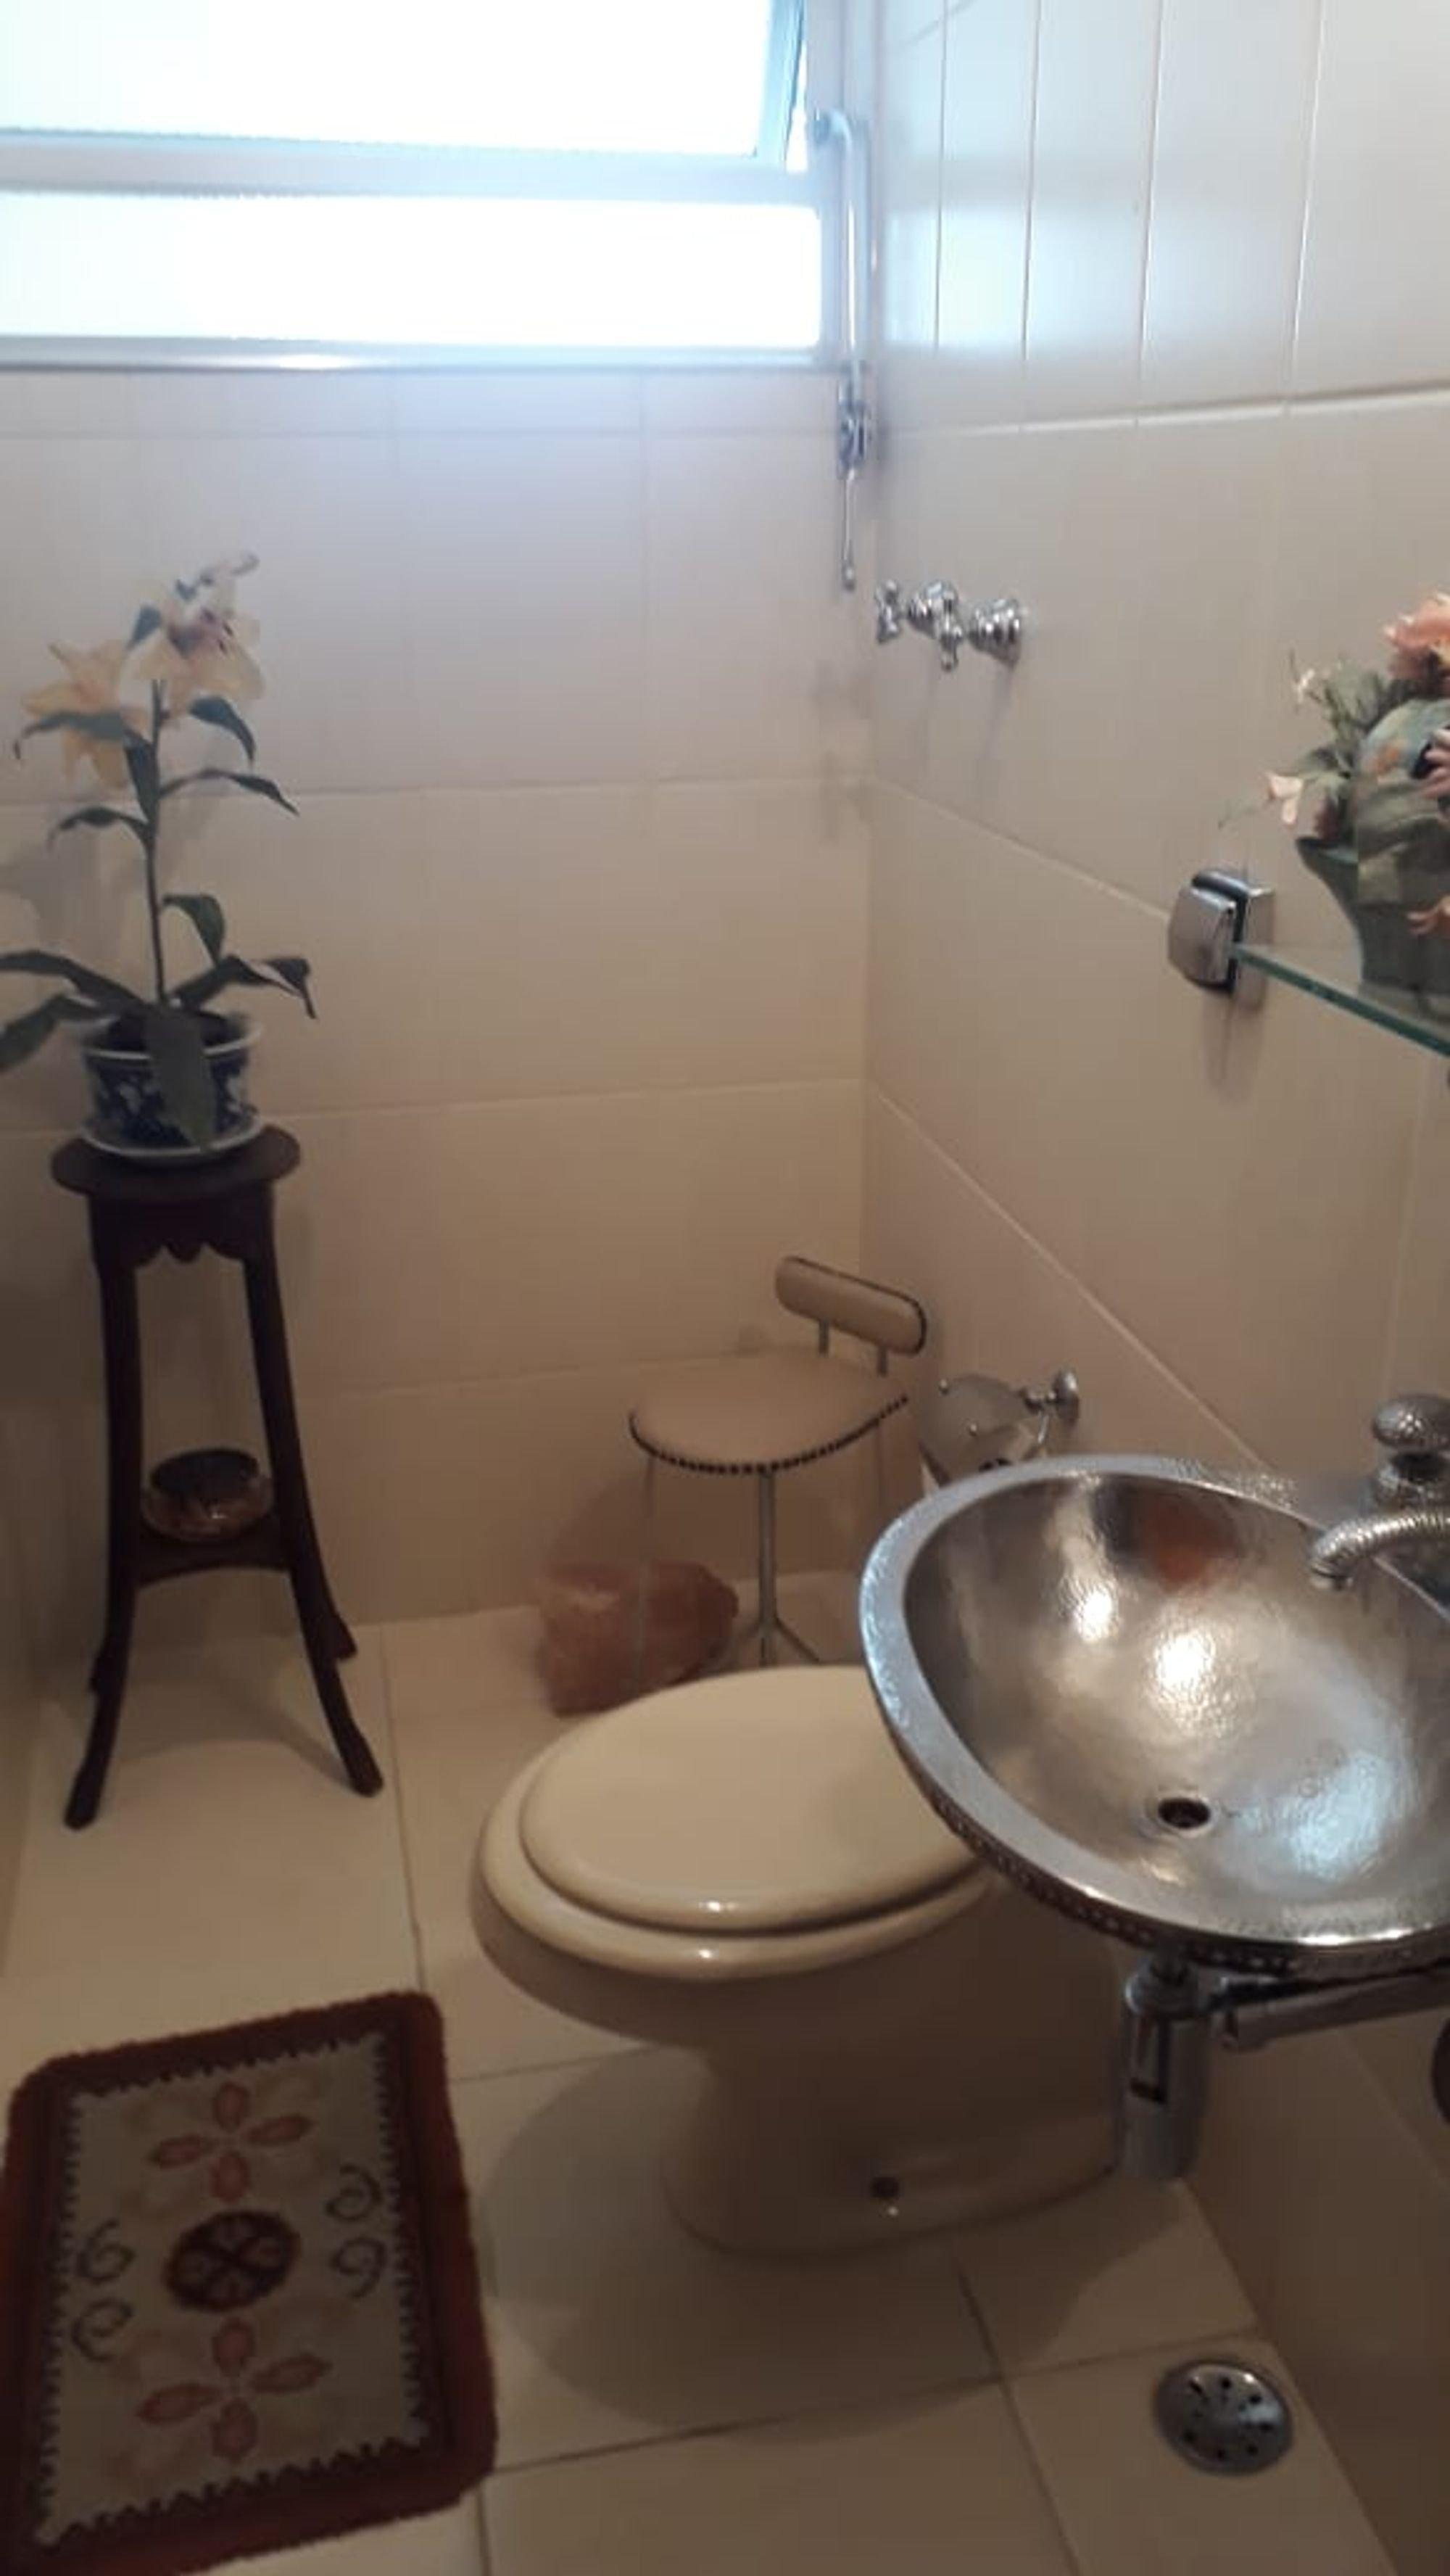 Foto de Banheiro com vaso de planta, vaso sanitário, pia, cadeira